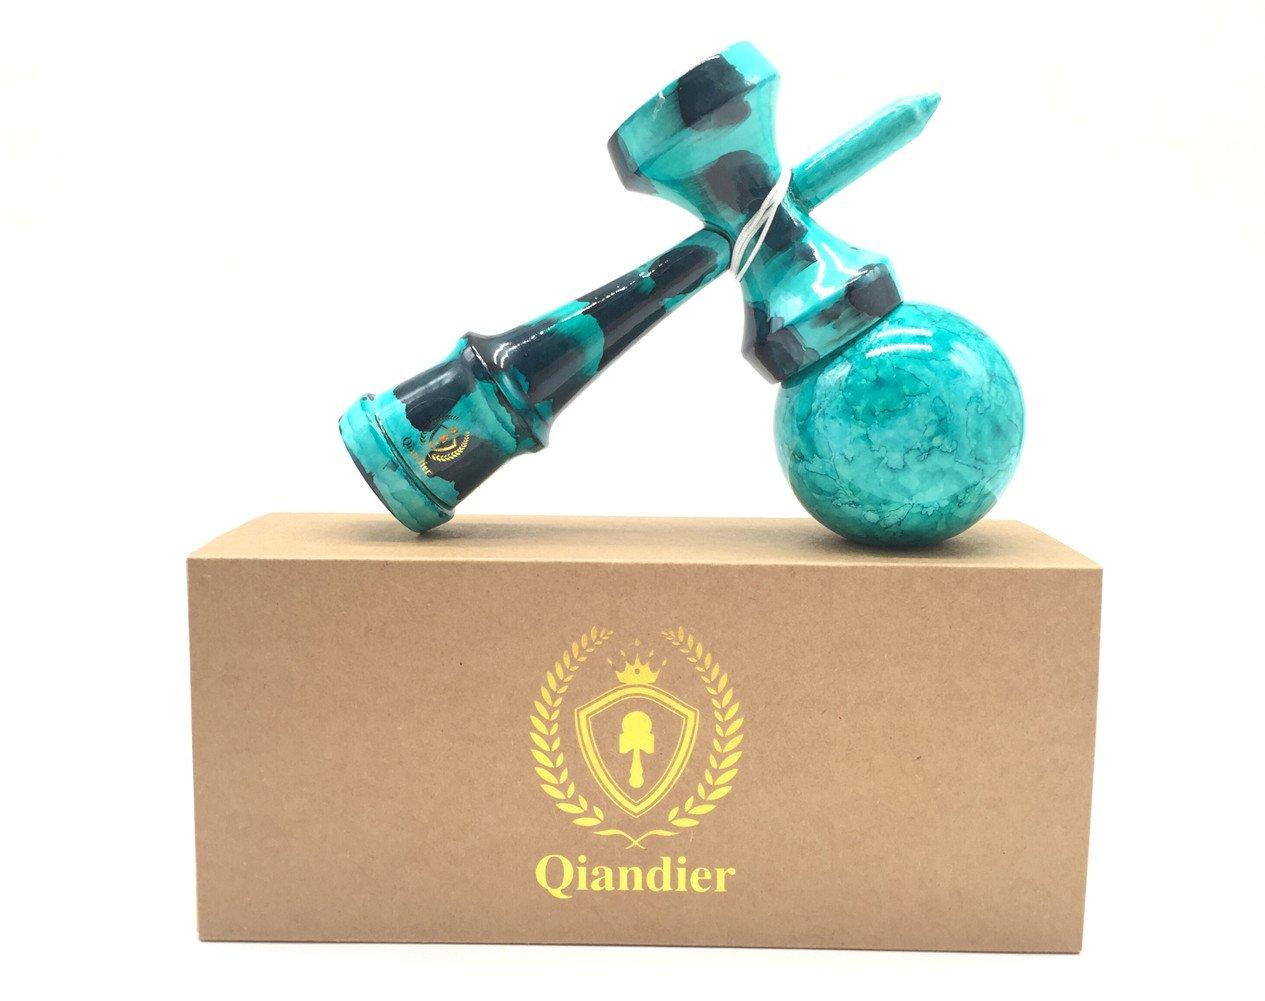 Qiandier Kendama Full Paint Jouets de sport en bois et cordes supplémentaires QDUKK0007